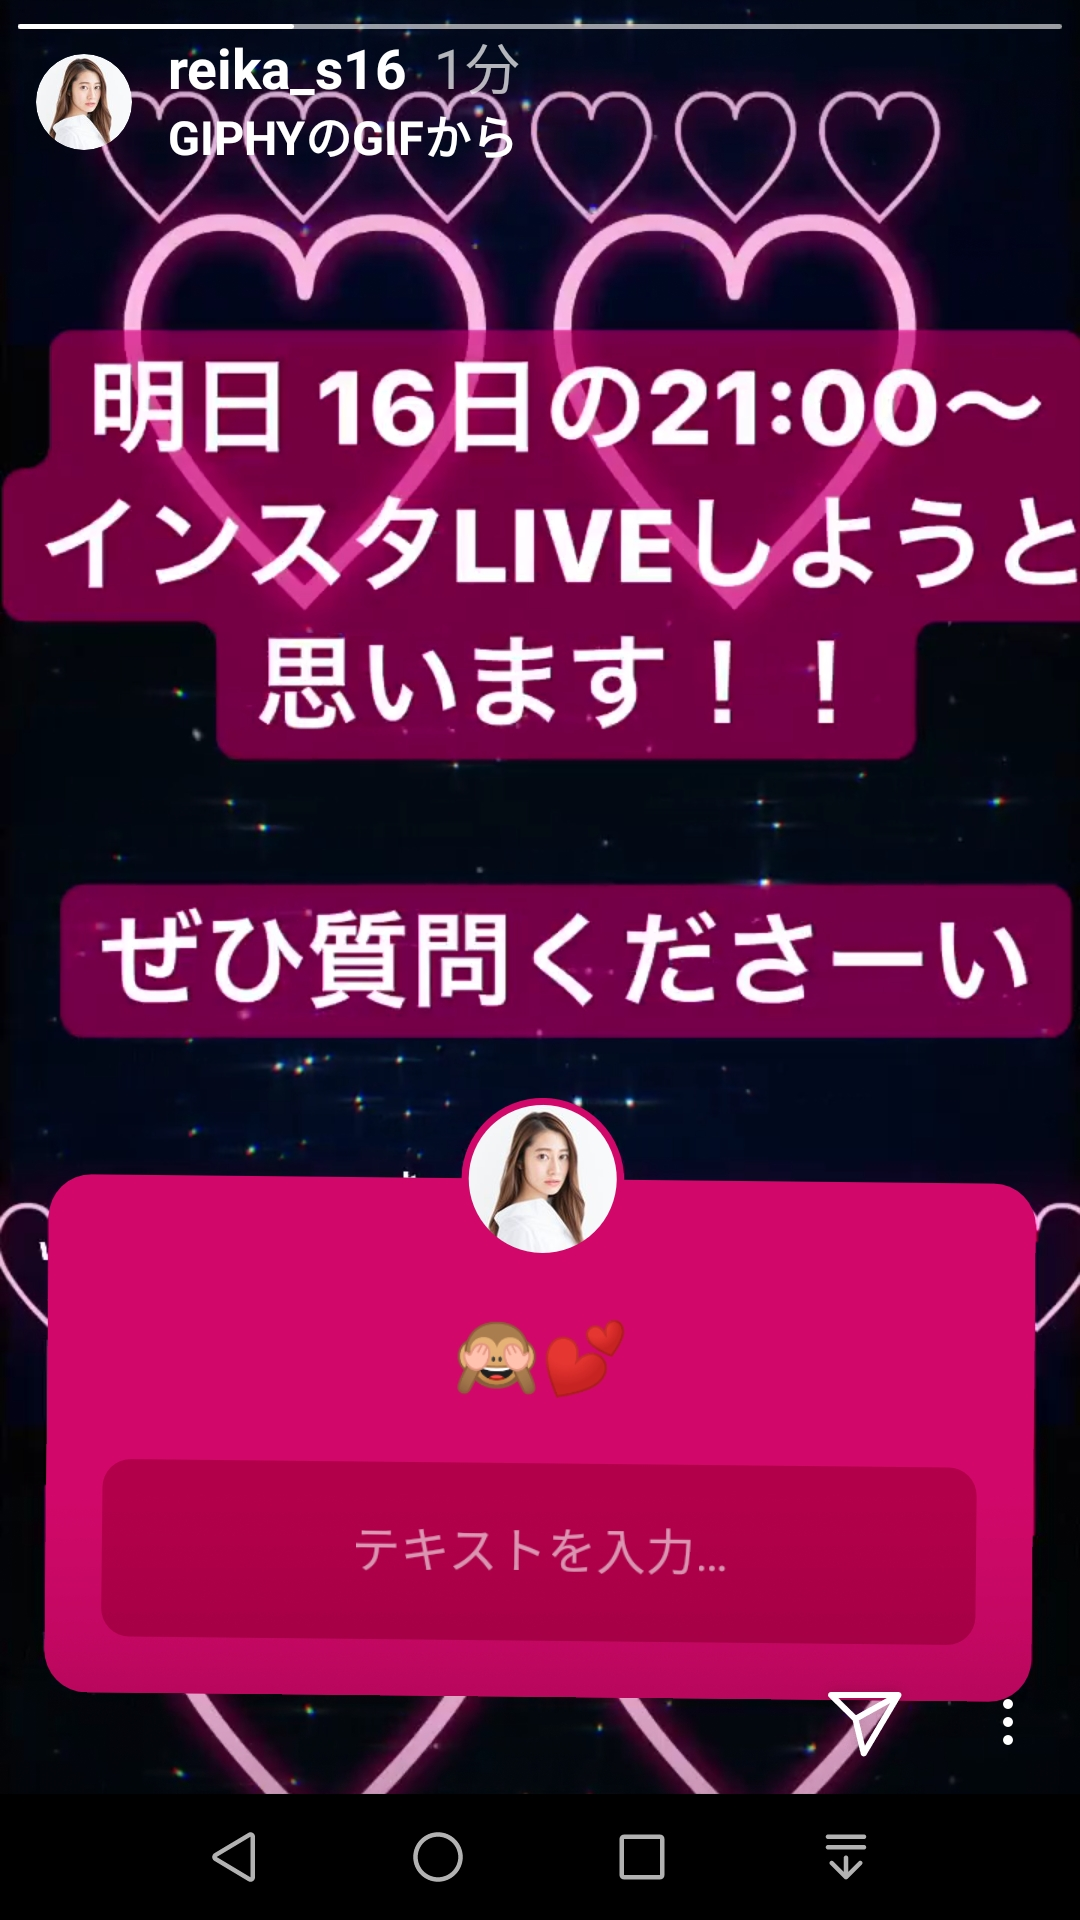 桜井玲香「明日16日の21:00~インスタLIVEしようと思います!!」